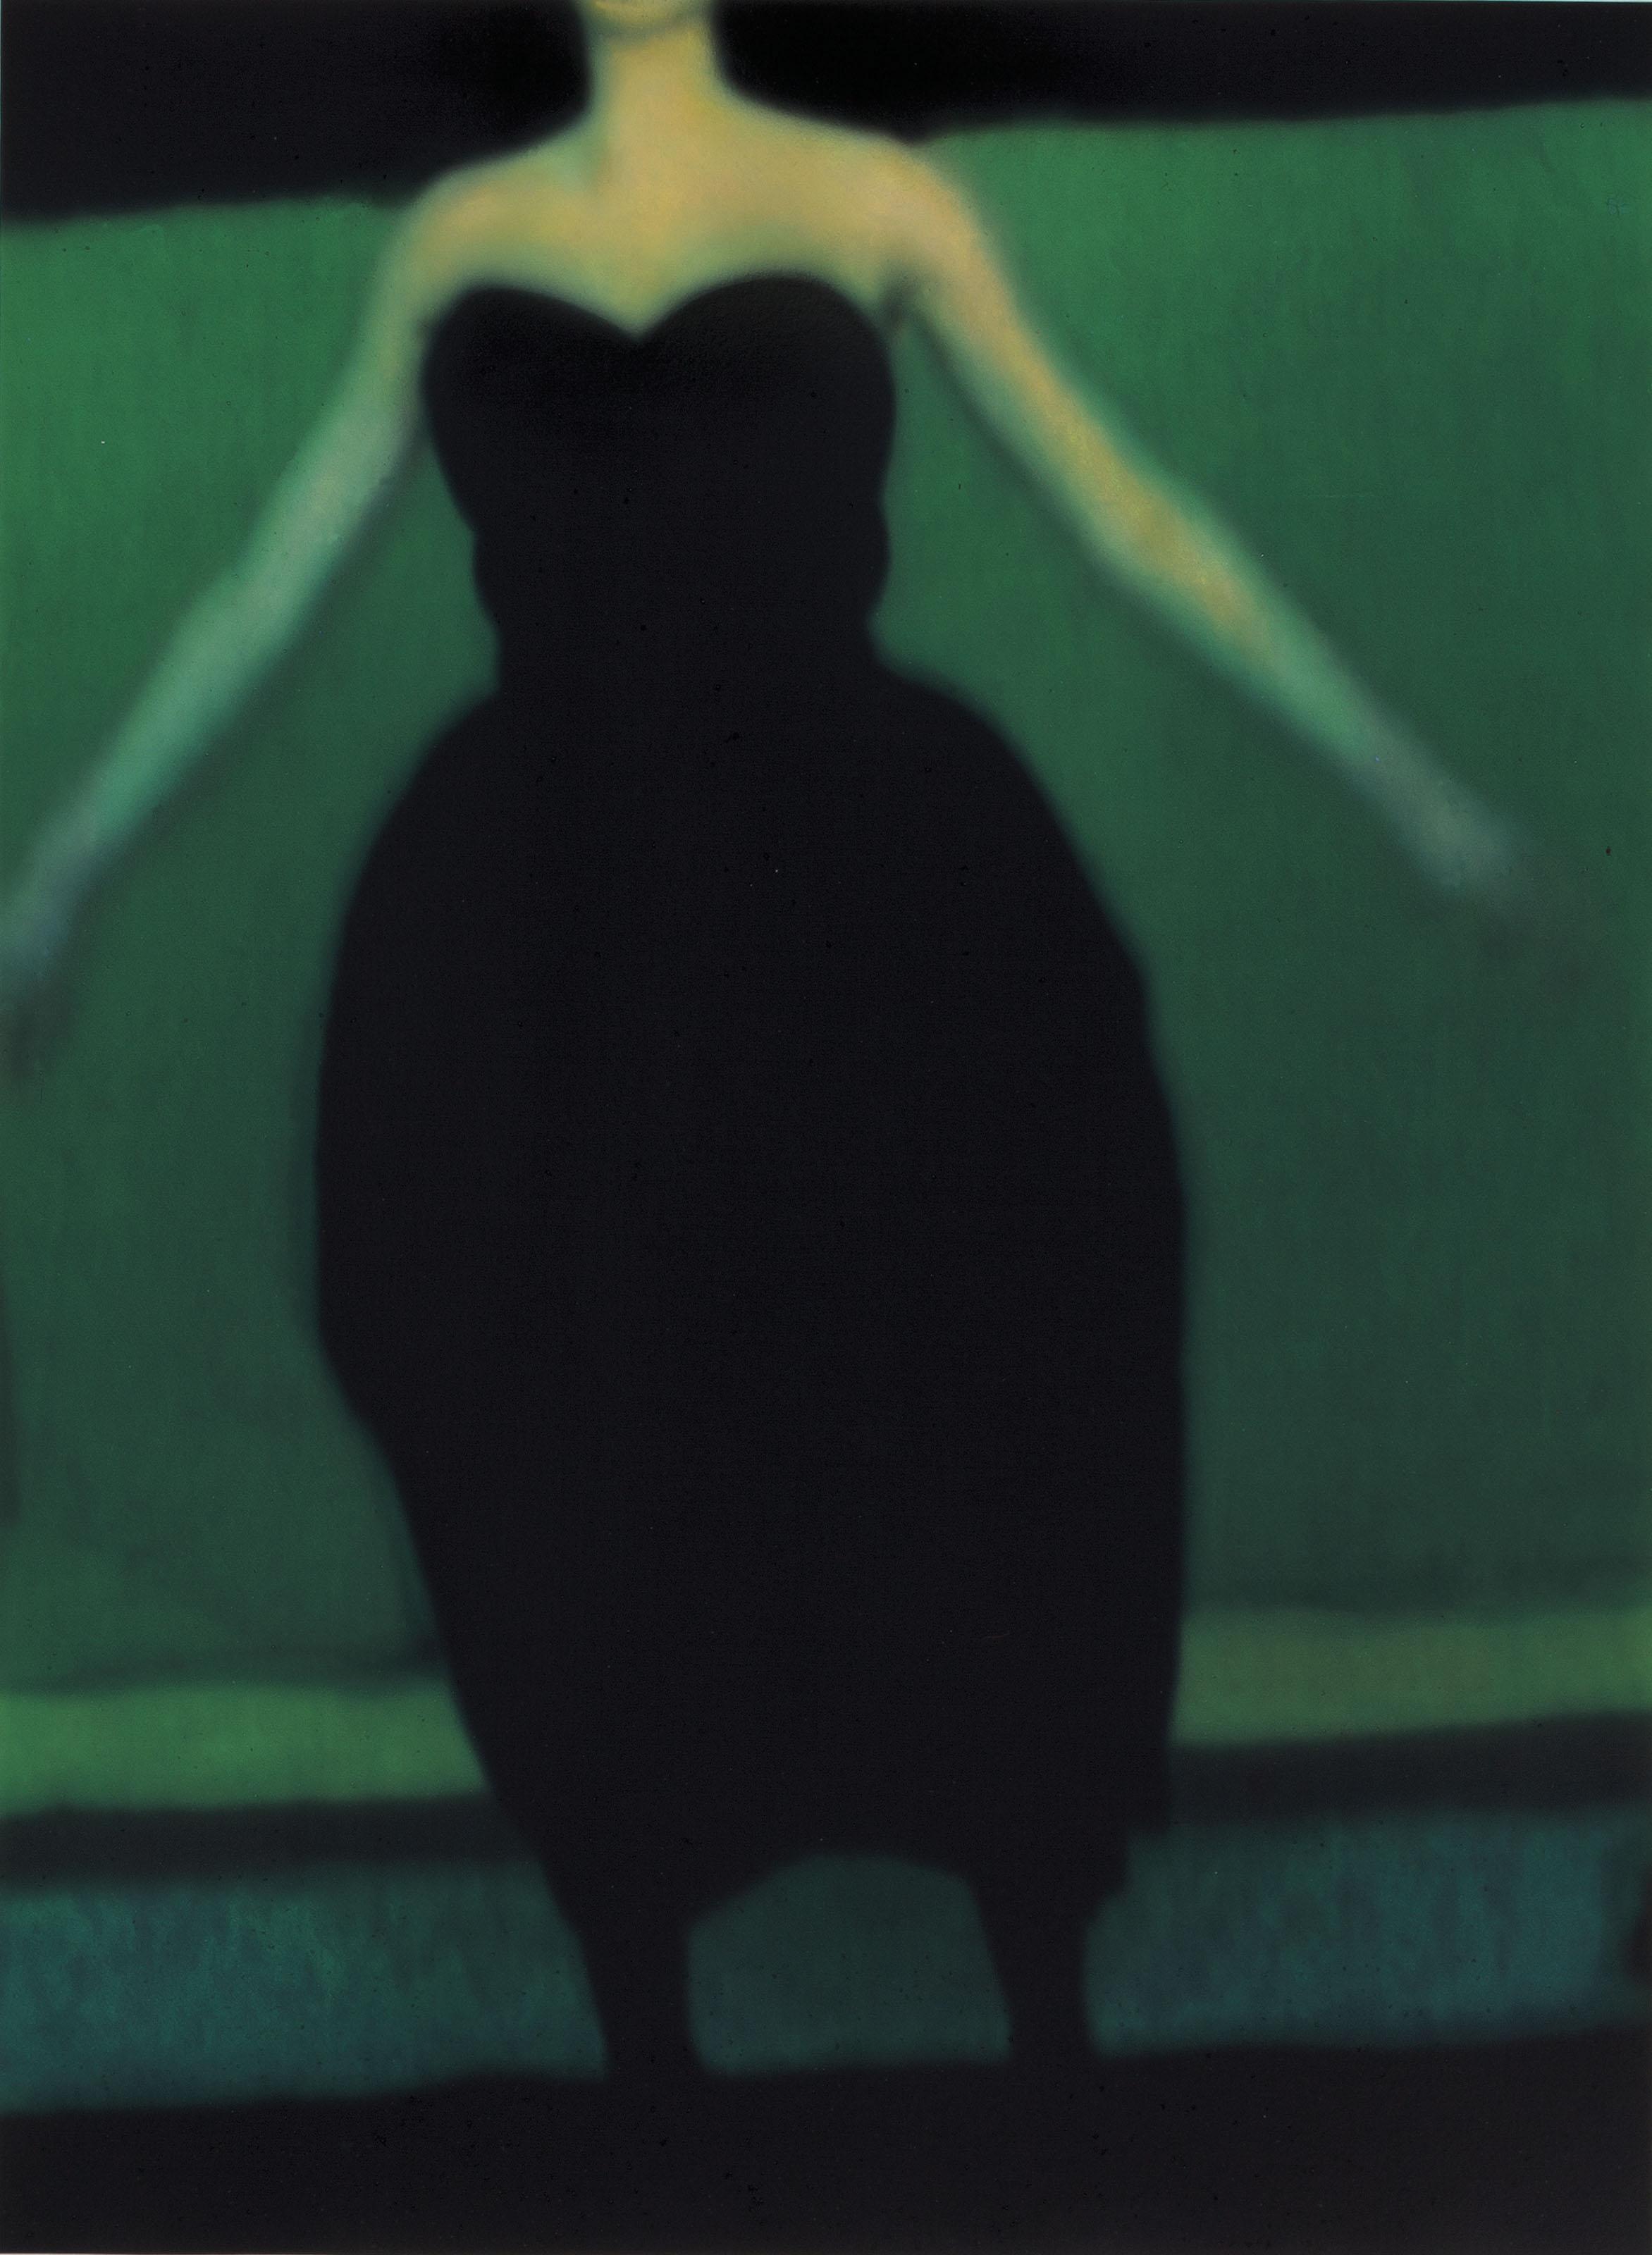 Fashion #2, Yoji Yamamoto, 1997